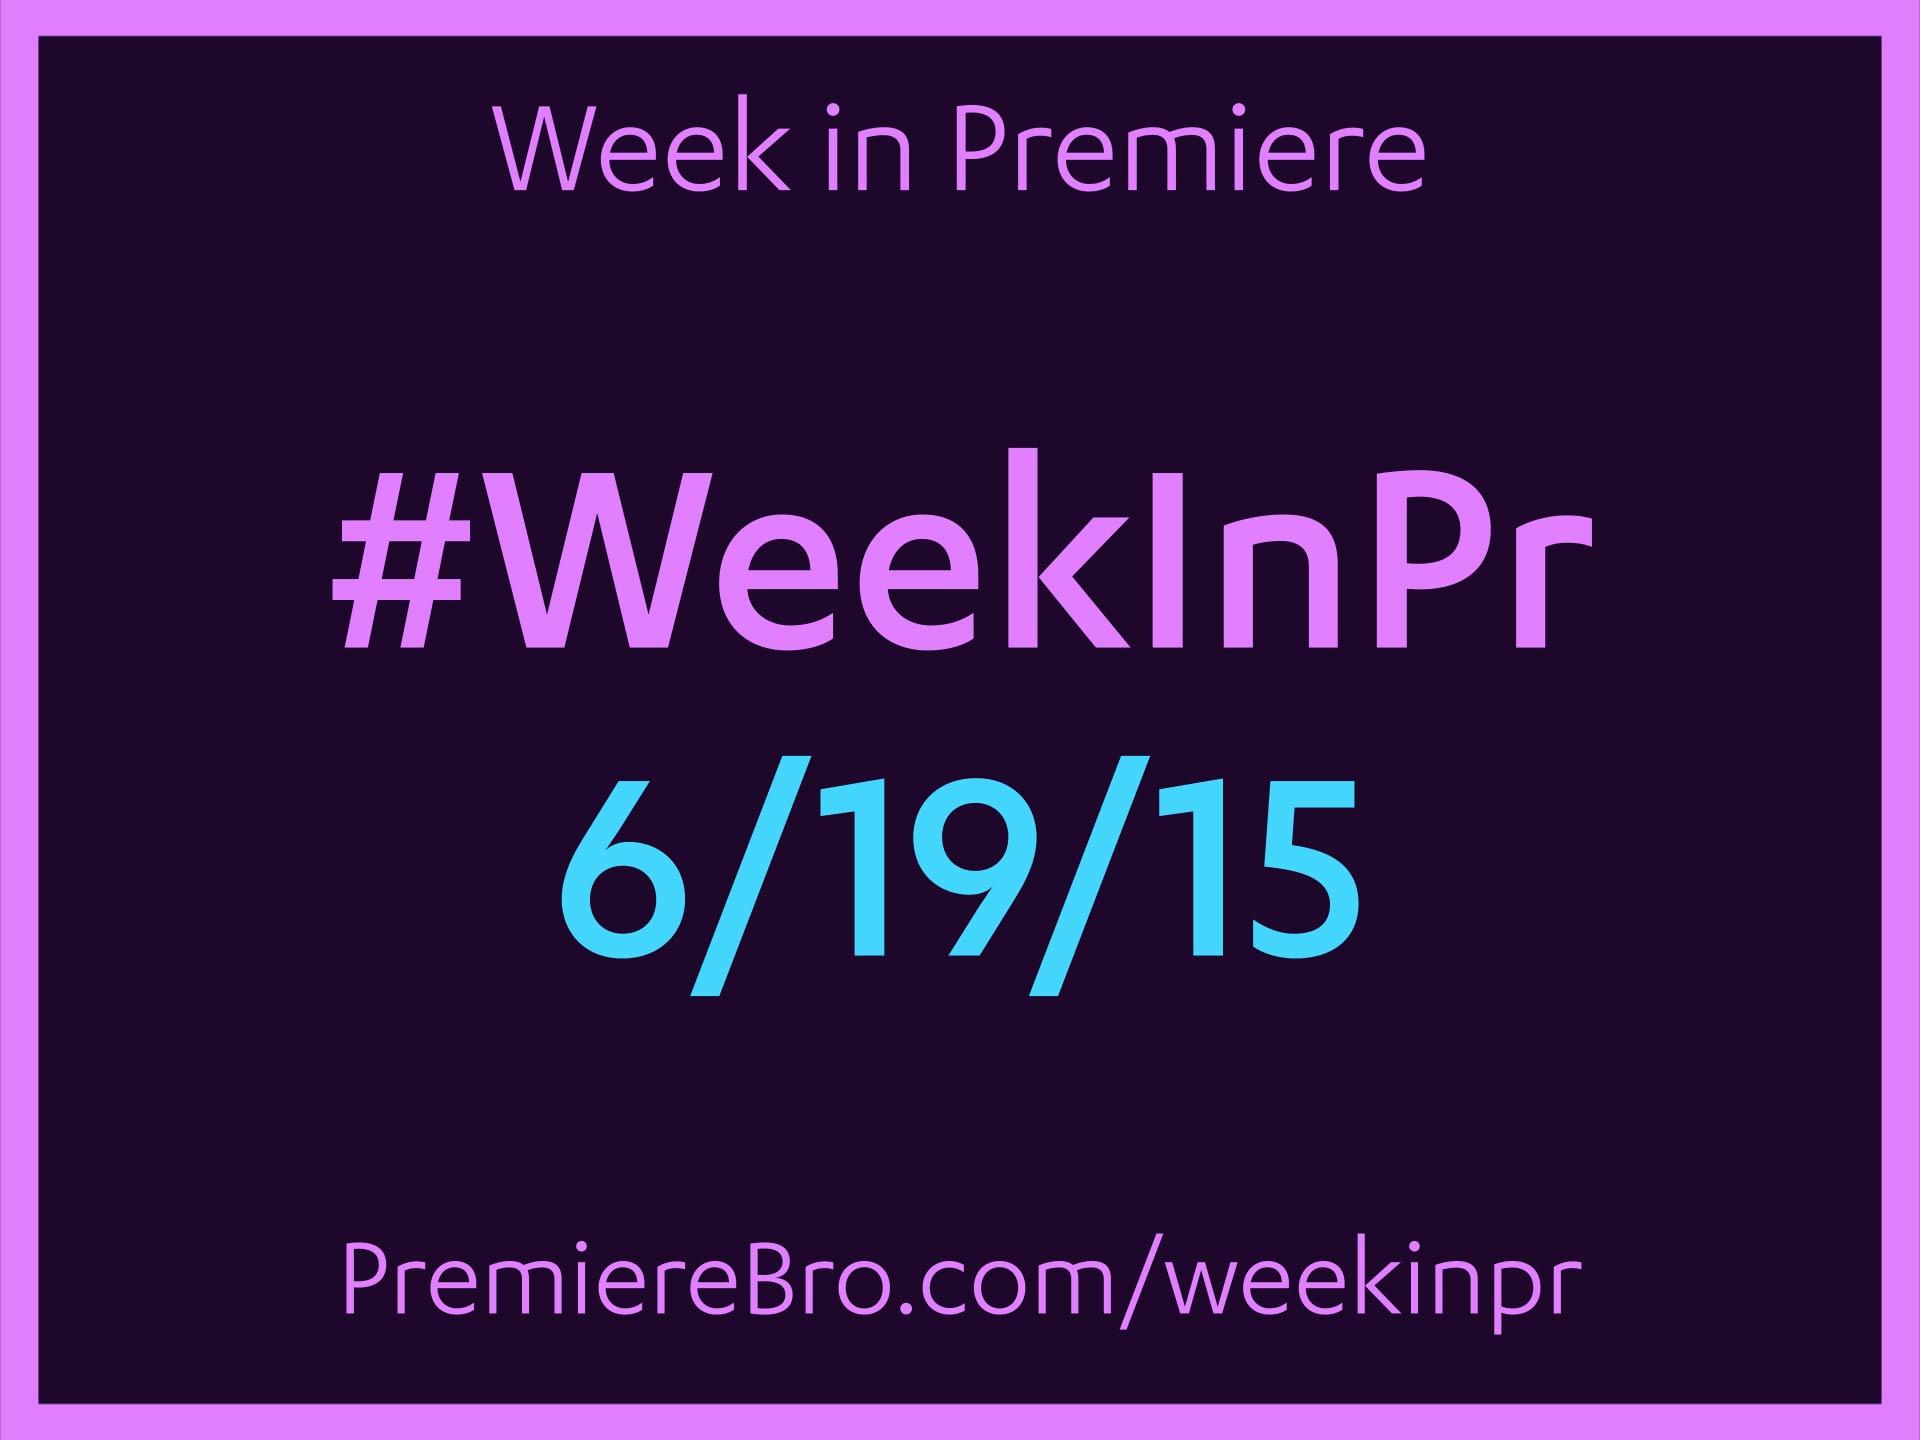 week-in-premiere-pro-6-19-15.jpg